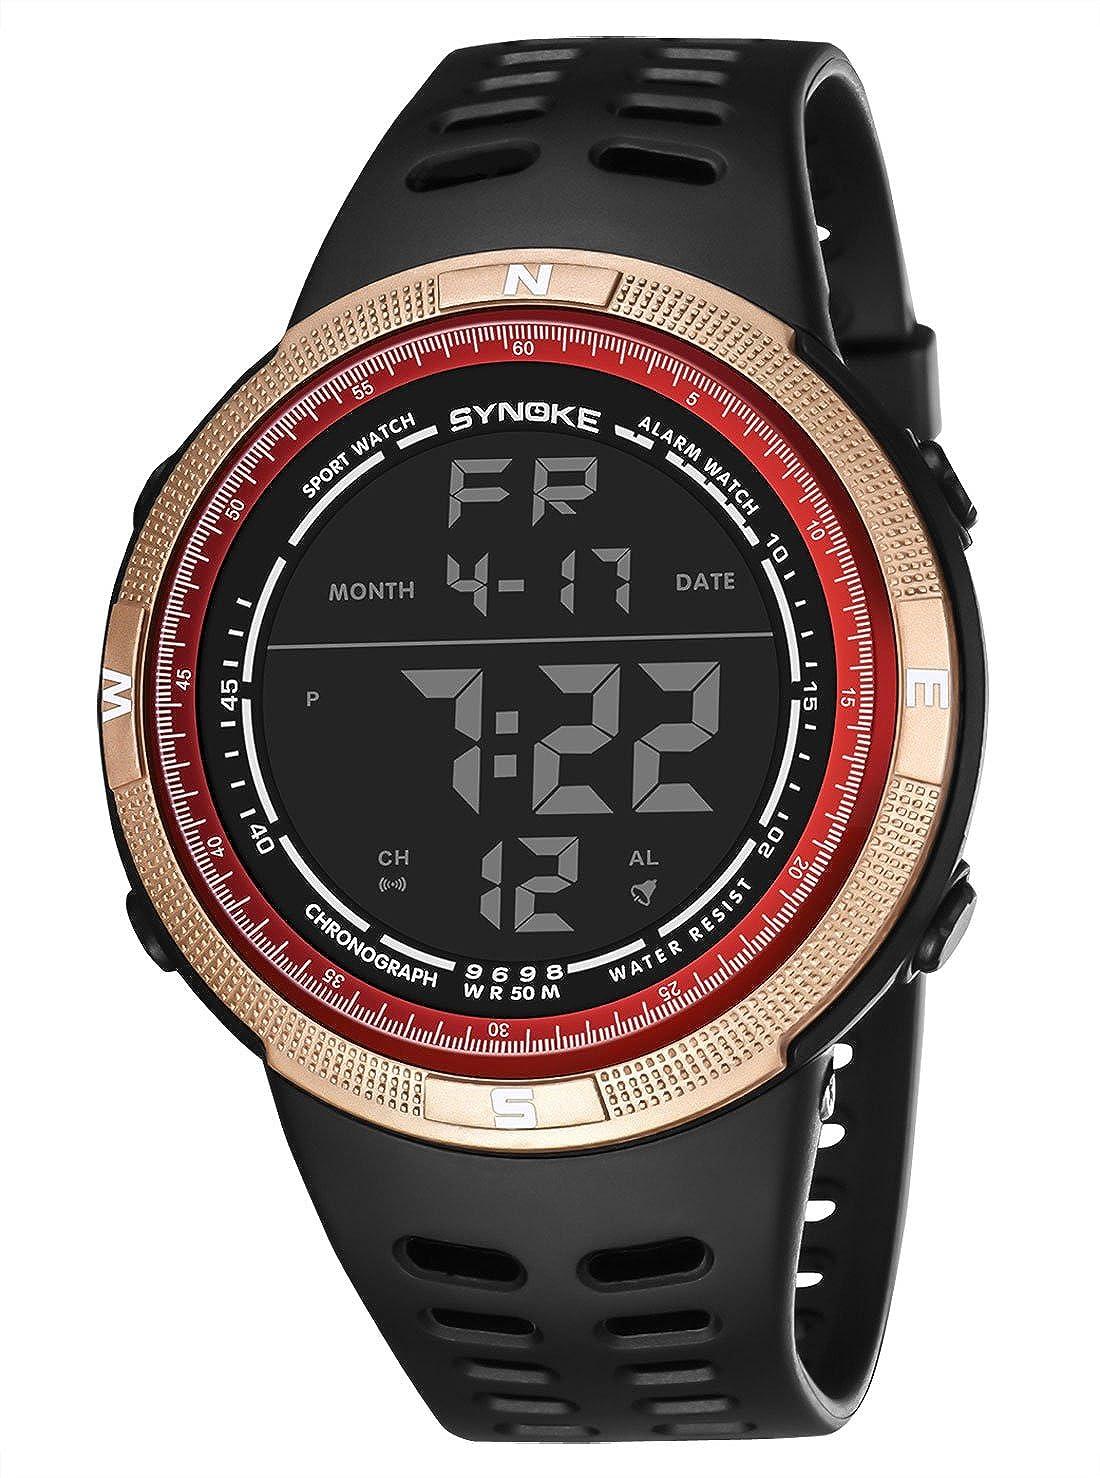 SYNOKE - Reloj de Hombre Adolescente Deportivo al Aire Libre Impermeable Digital Electrónico Multifusiones Regalo para Chicos Luz de Fondo - Dorado